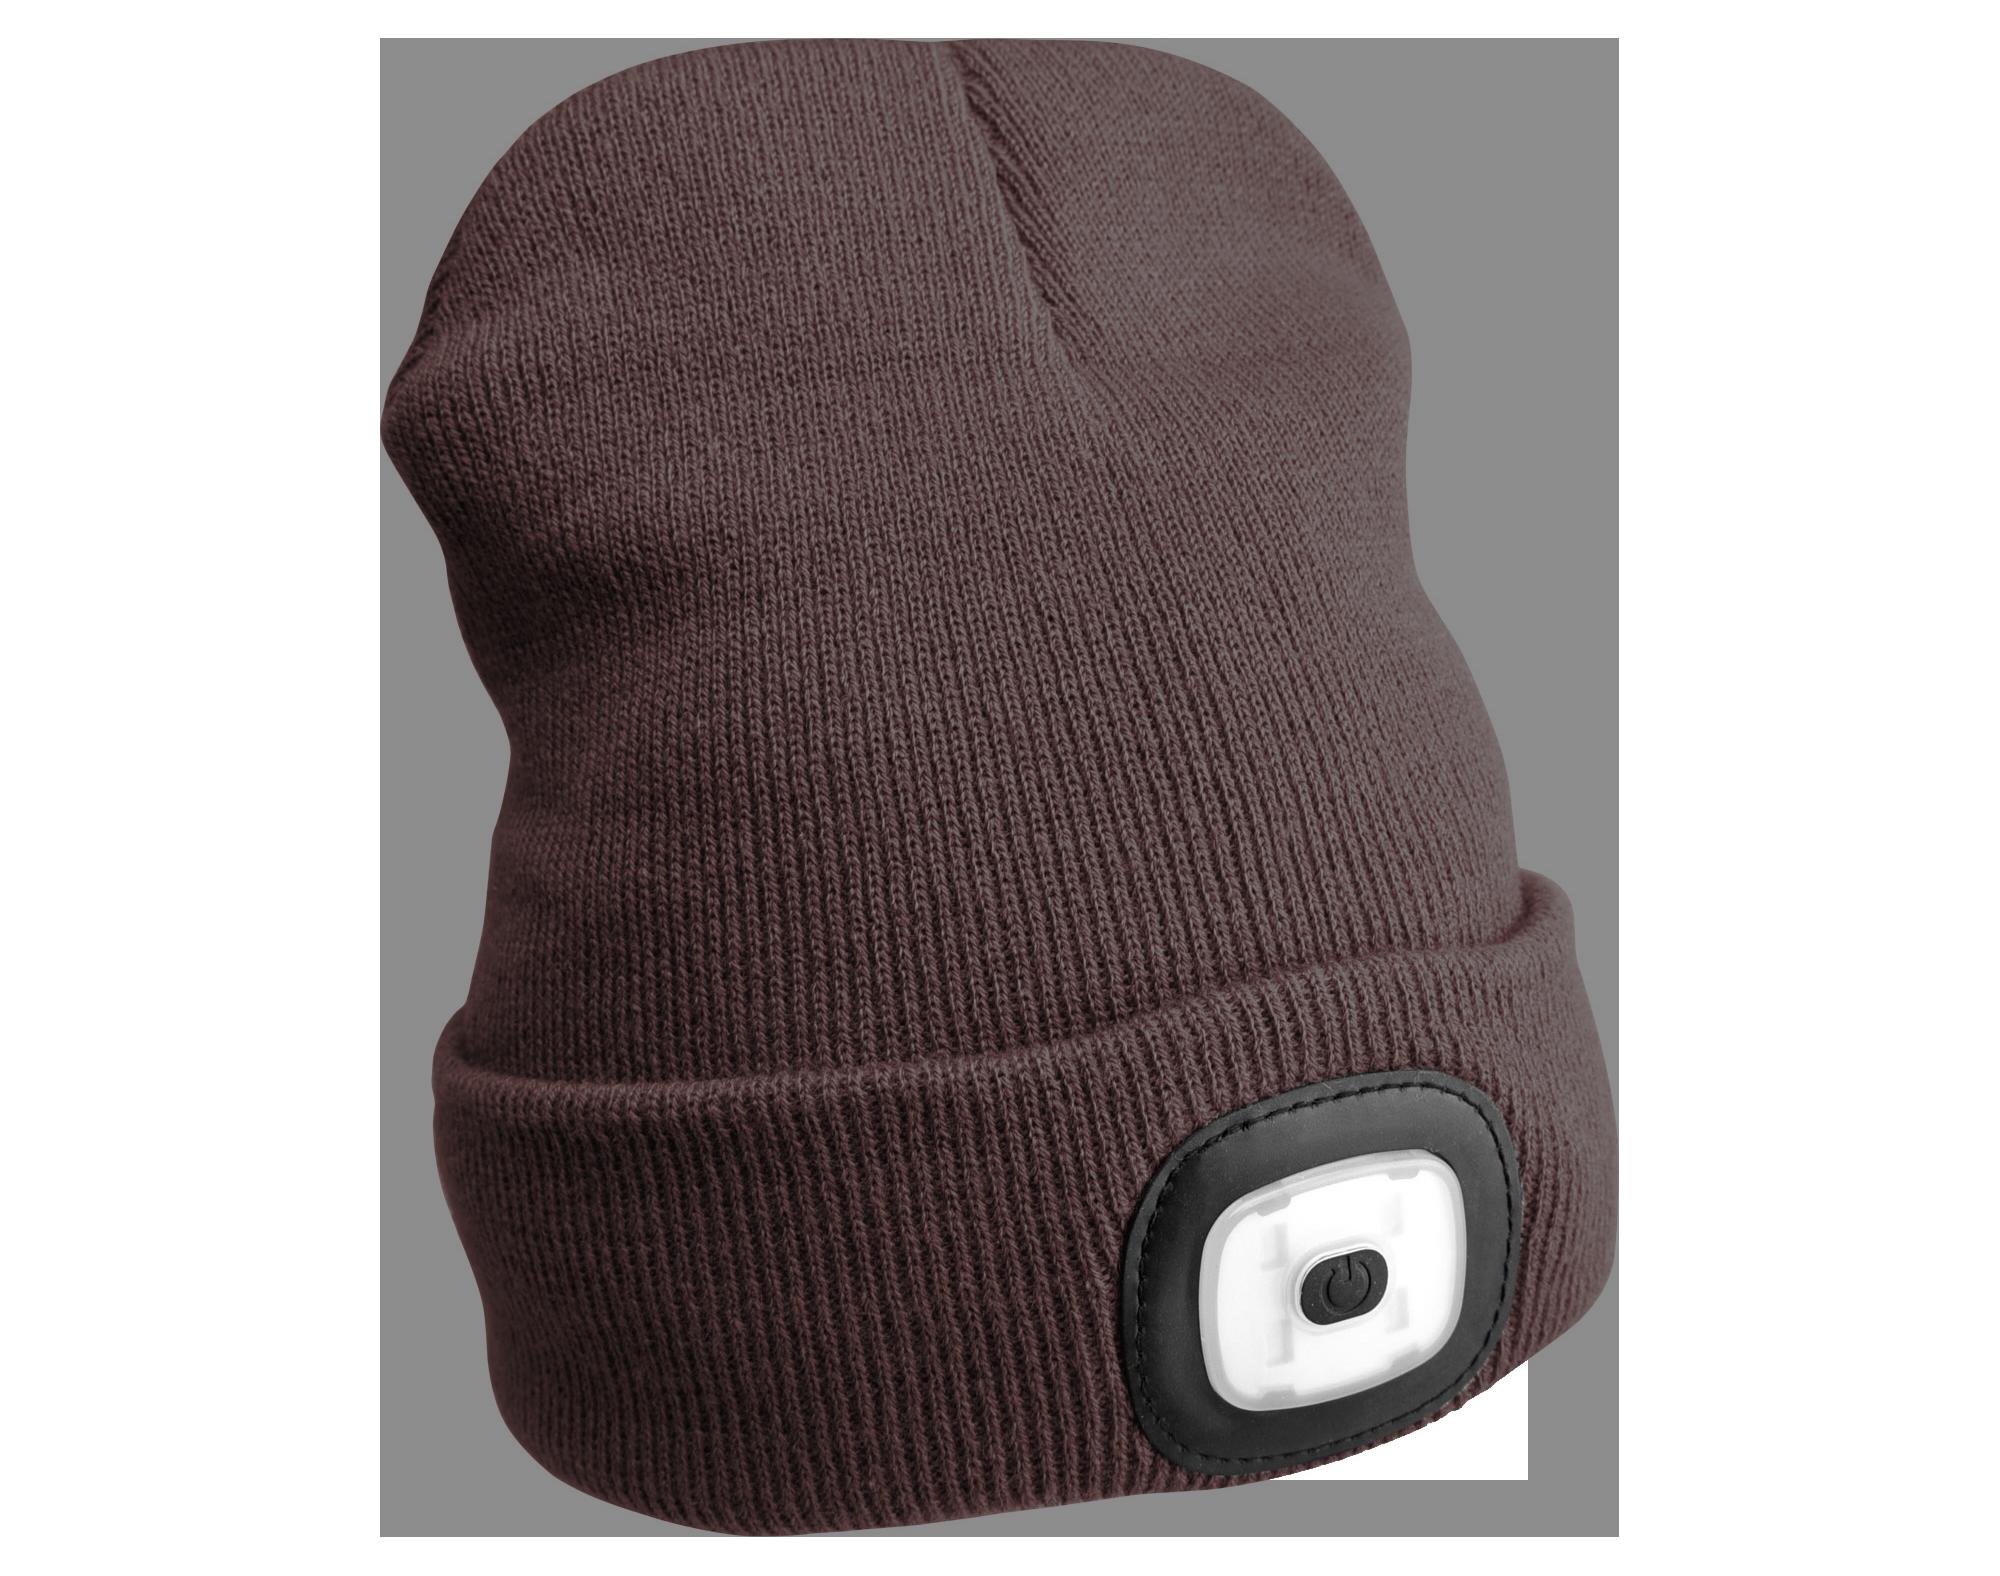 Čepice s čelovkou 45lm, nabíjecí, USB, univerzální velikost, hnědá SIXTOL